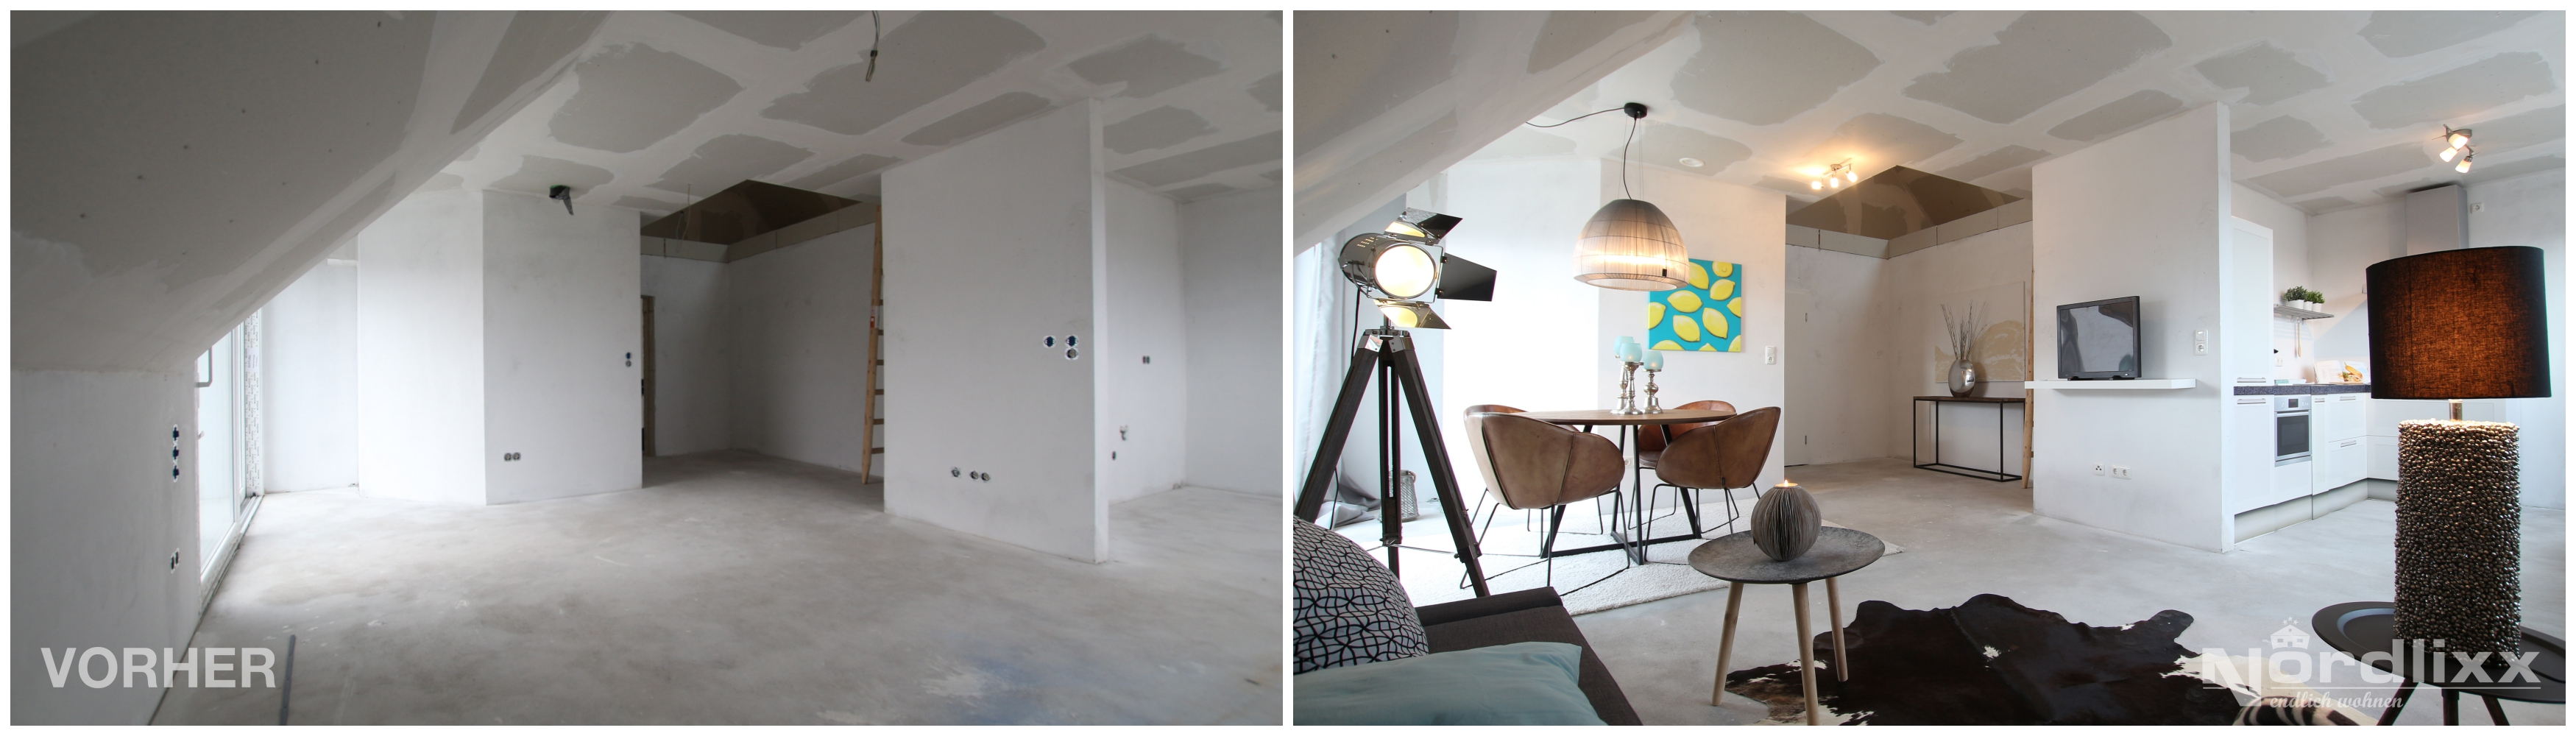 homestaging im rohbau. Black Bedroom Furniture Sets. Home Design Ideas